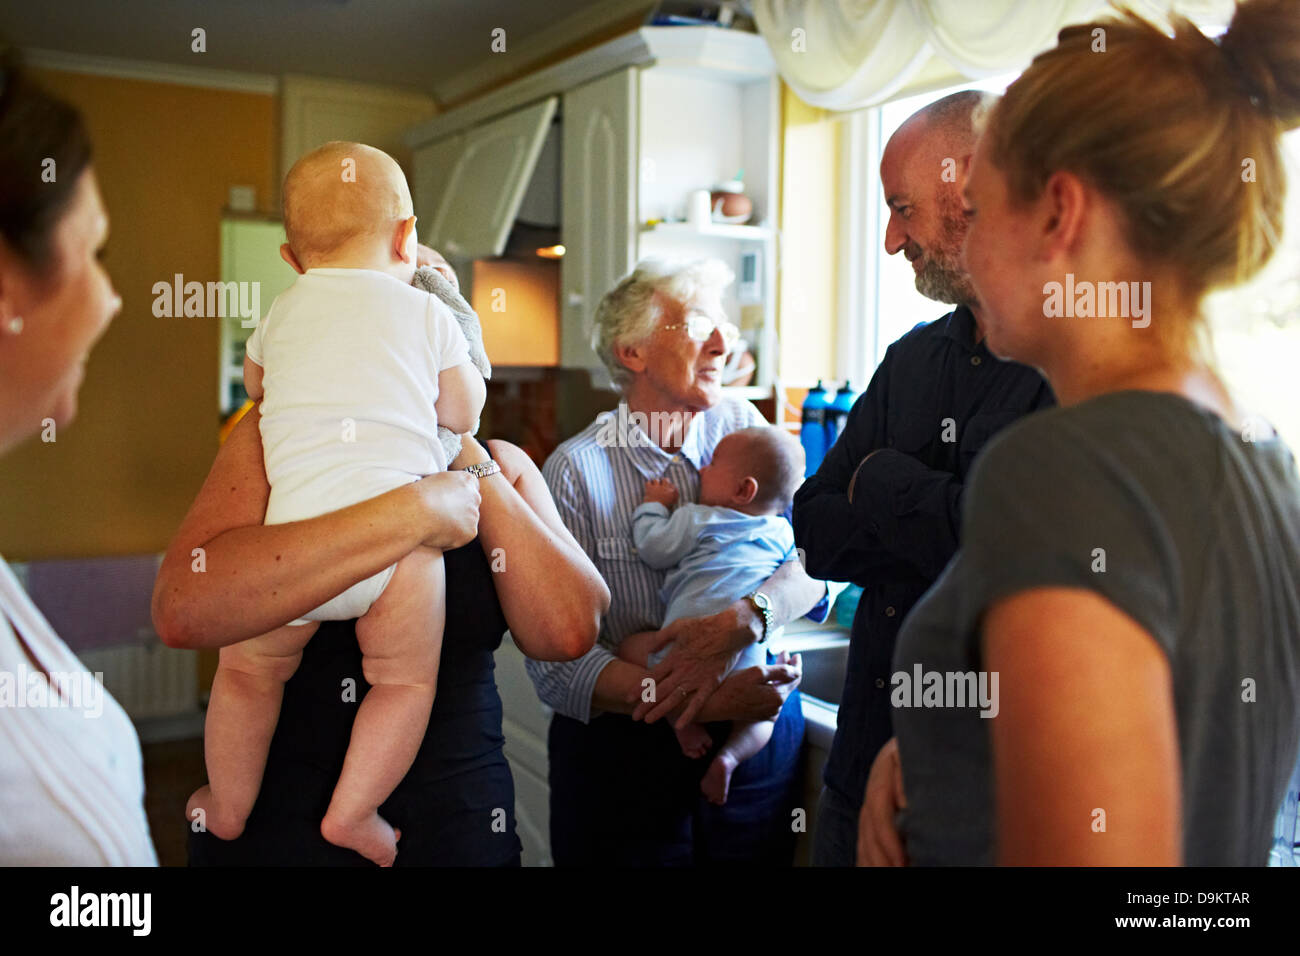 Famille s'est réunie dans la cuisine à la maison Photo Stock